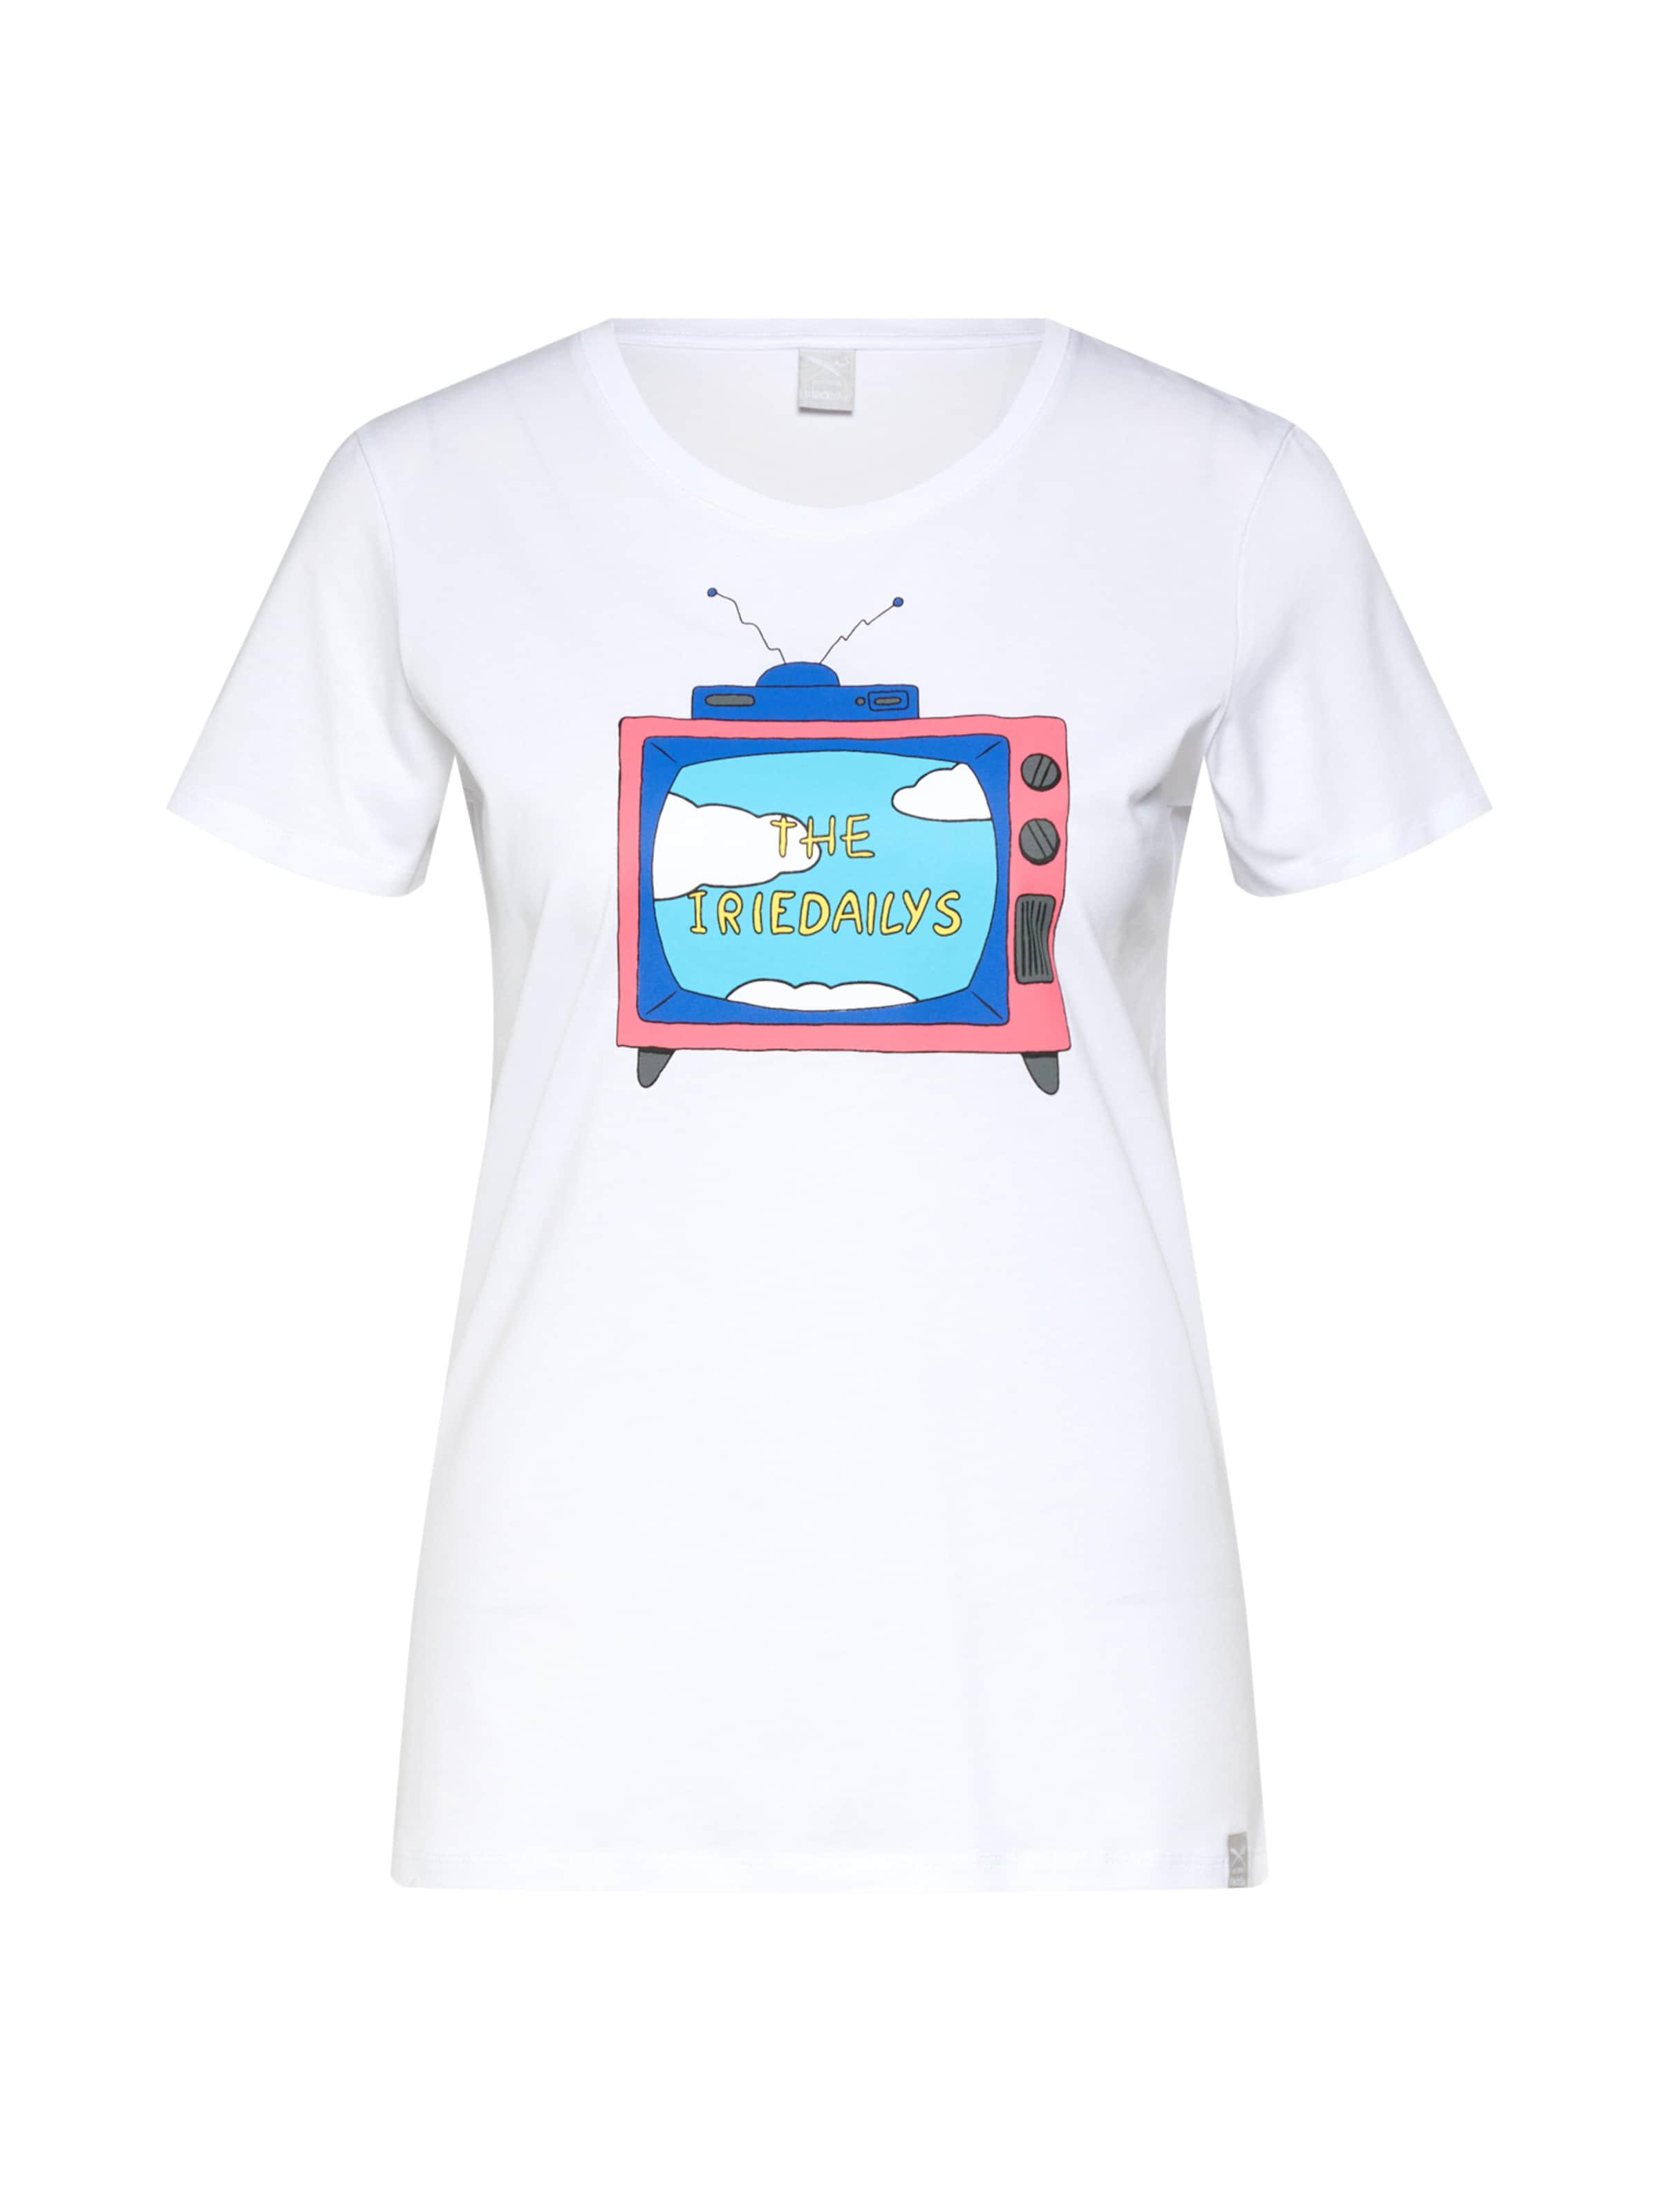 Blanc Iriedaily Tee' En T 'the shirt Iriedailyans ZkOPuiTX